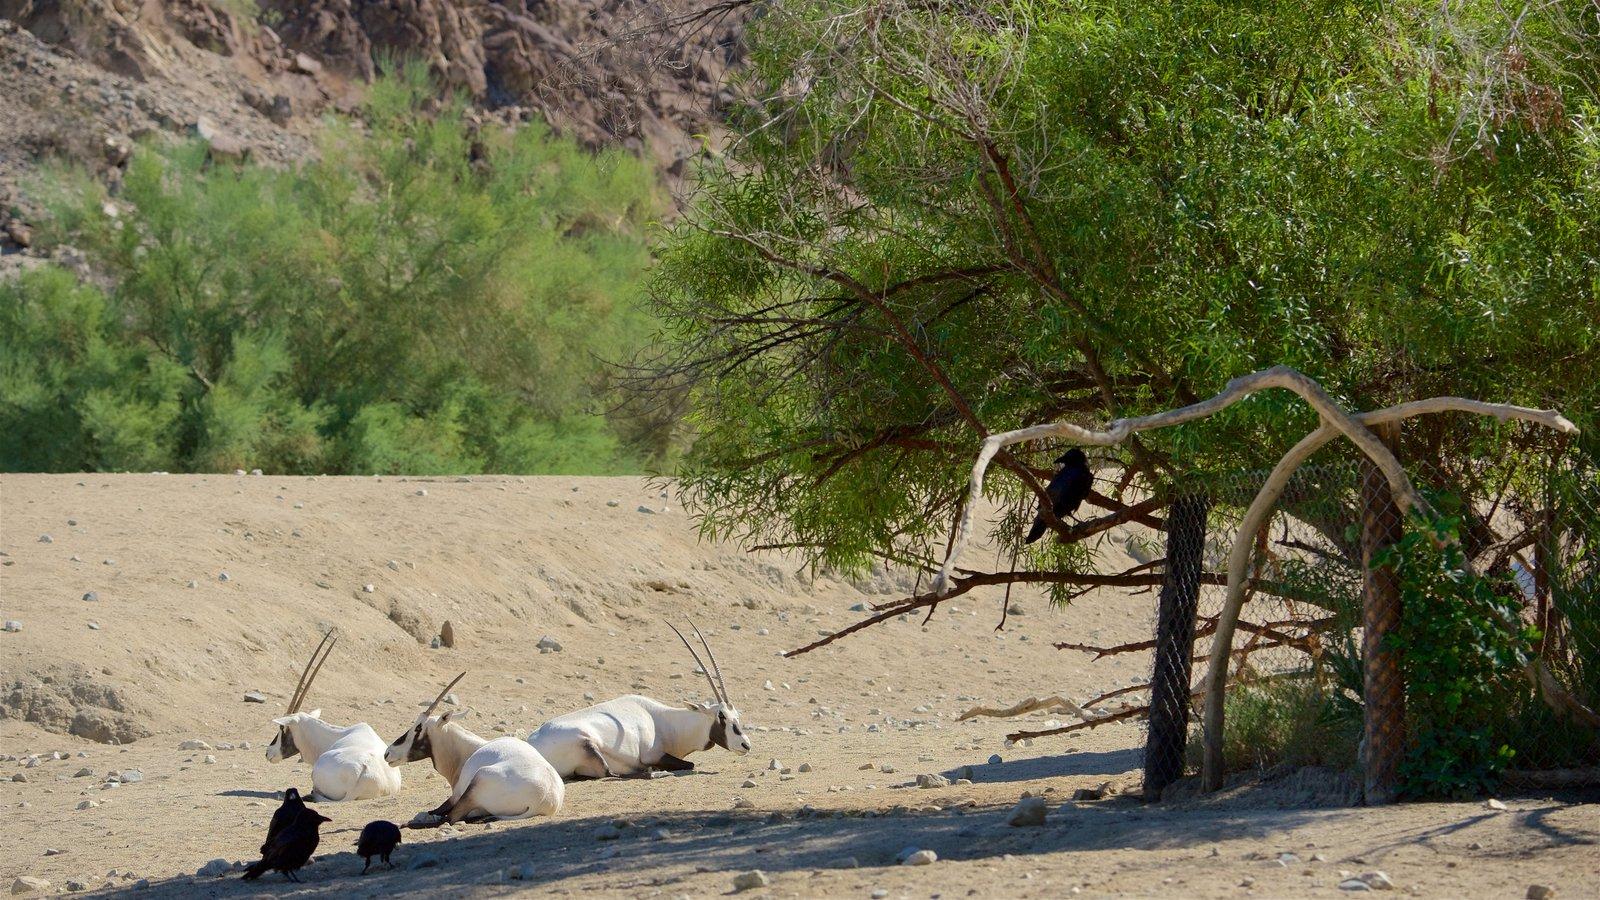 Zoológico y jardines Living Desert ofreciendo animales terrestres, vistas al desierto y animales del zoológico